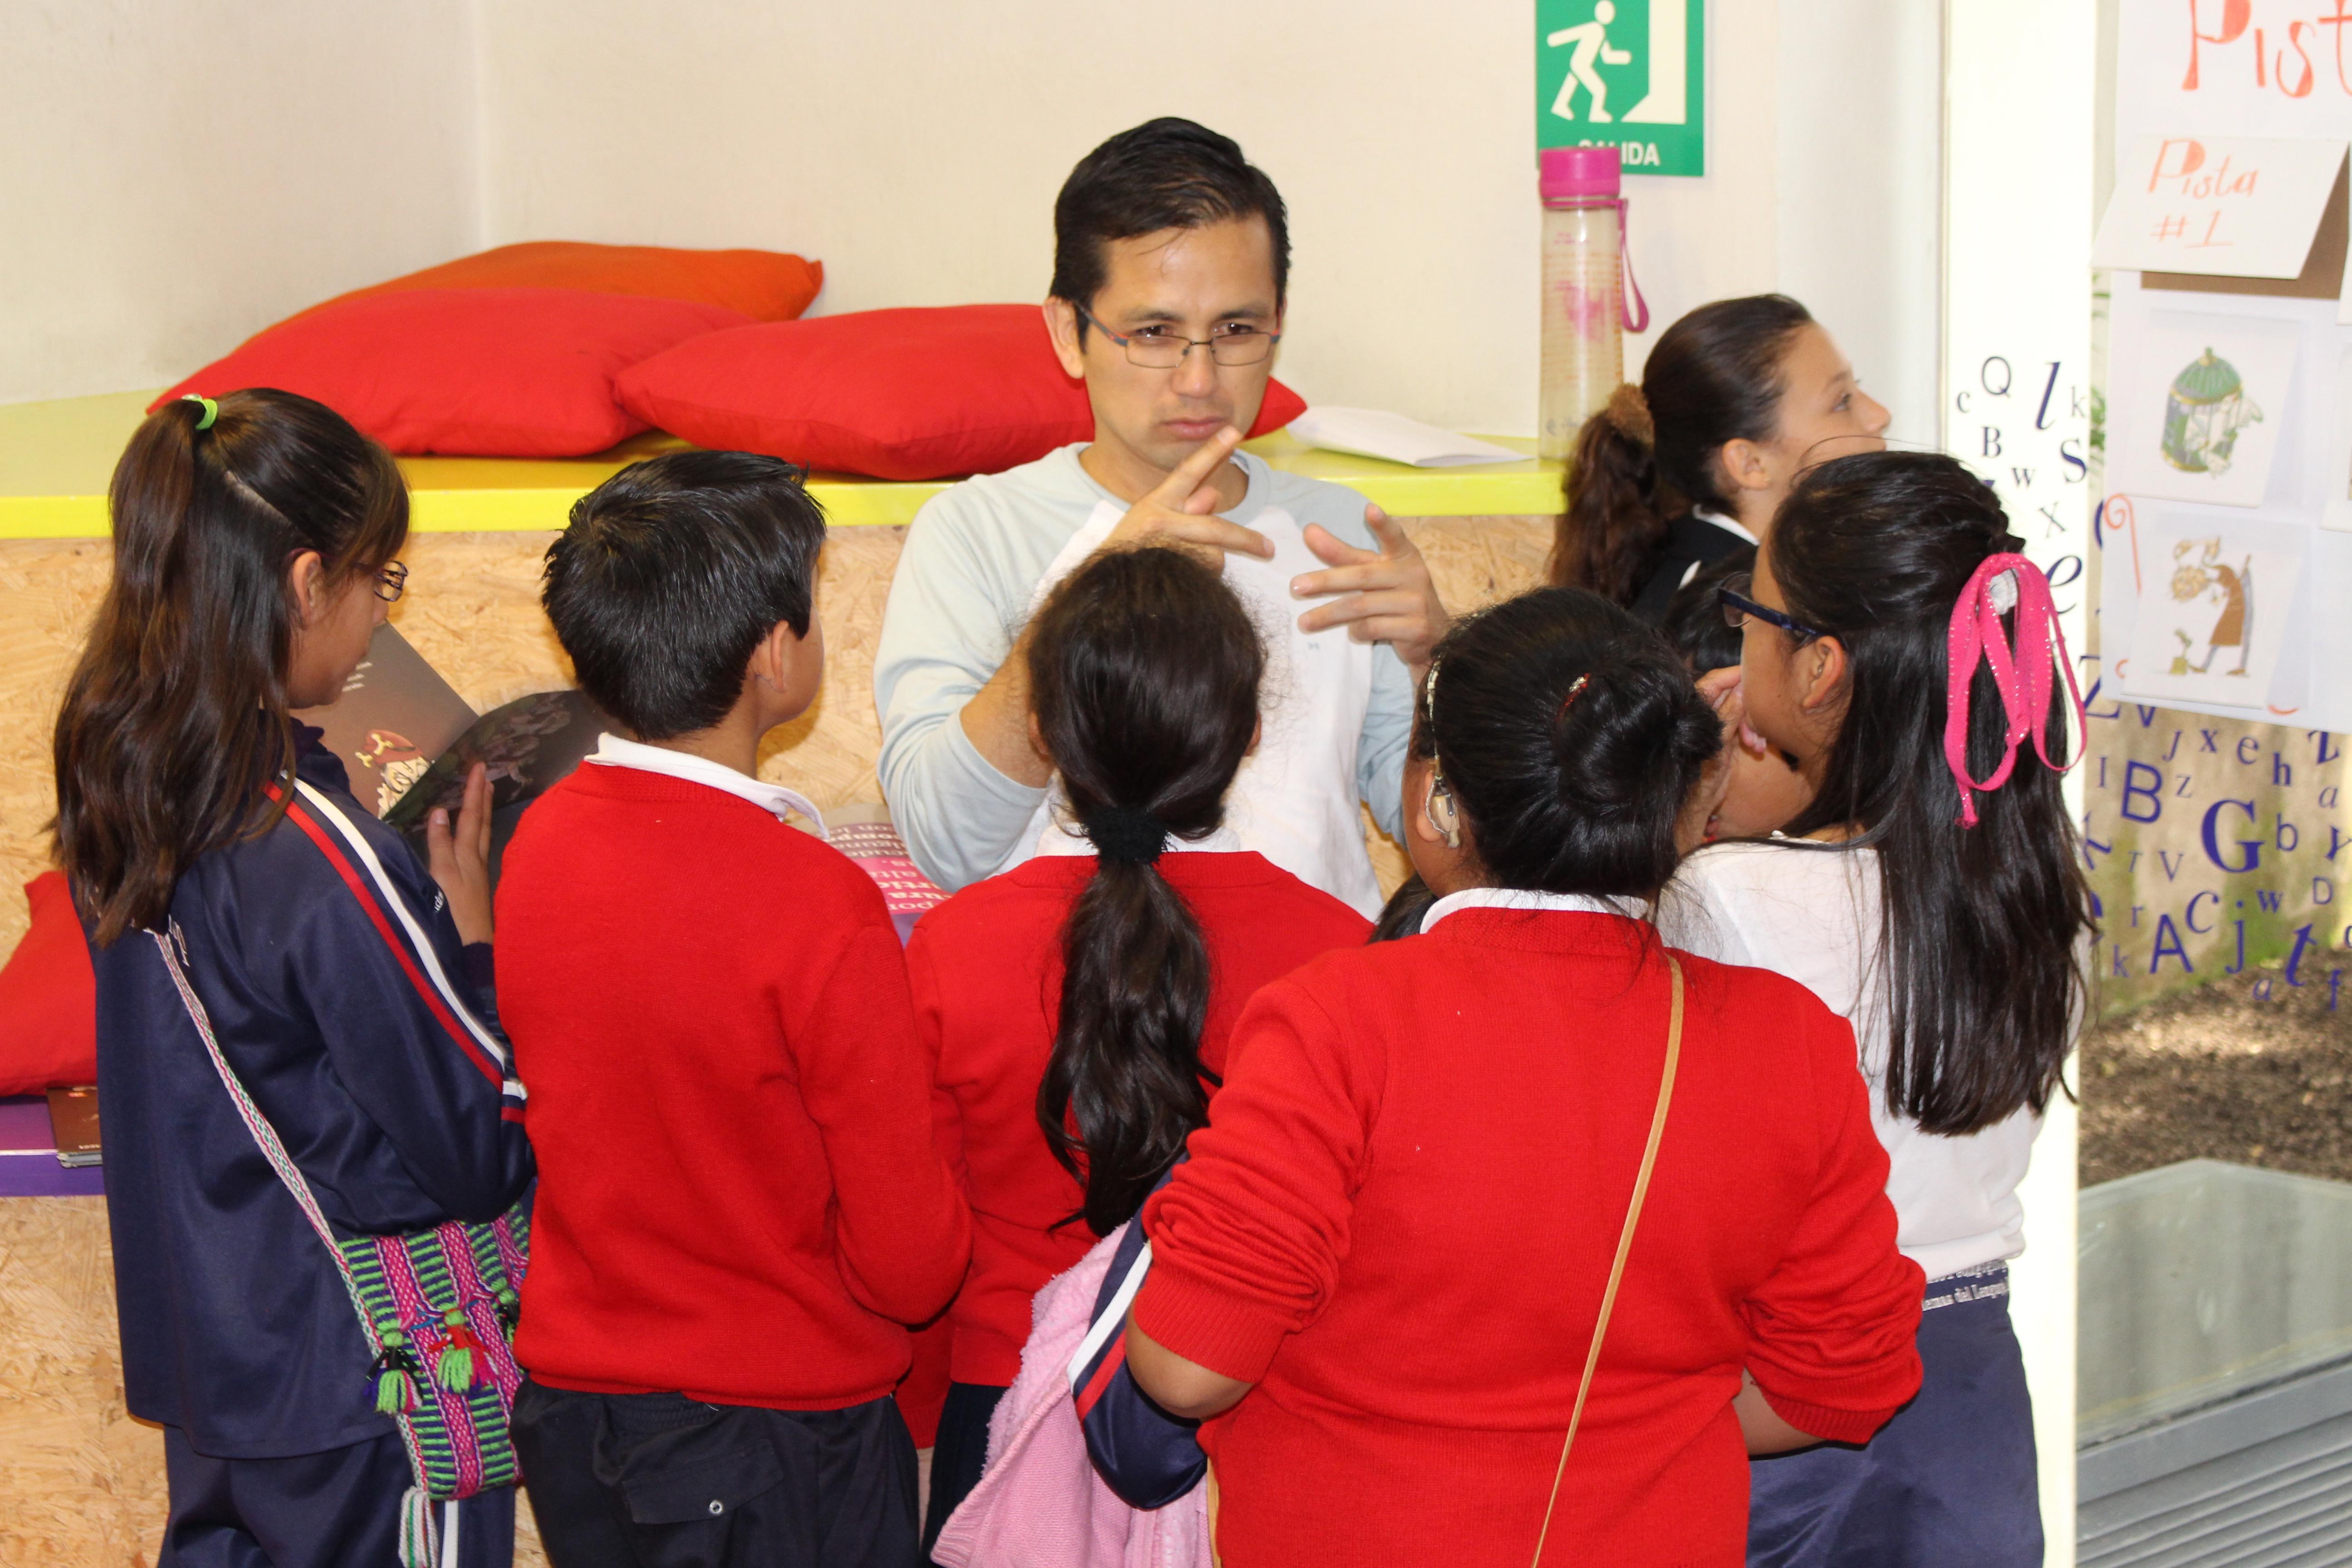 En un aula, un hombre habla, con lenguaje de señas, con un grupo de niñas y niños. El hombre lleva gafas y una blusa gris, y está gesticulando con sus manos. Frente a él y de espaldas para la cámara, están cuatro niñas y un niño. De izquierda a derecha, están: una niña con una cola decballo en el cabello y gafas, lleva una blusa y pantalones de uniforme, los dos de color azul oscuro, y un pequeño bolso tejido en varios colores; un niño con el pelo corto, llevando una blusa roja y pantalones negros; una niña de blusa roja y cabello recogido; una niña con peinado de moño, también llevando una blusa roja, una niña que lleva una camiseta blanca y un lazo rosa en el pelo. Por detrás de ellos, hay otra niña, que está mirando para la derecha. A la izquierda también podemos ver un colchón amarillo y dos almohadas rojas. Foto: Elisa Jarquin